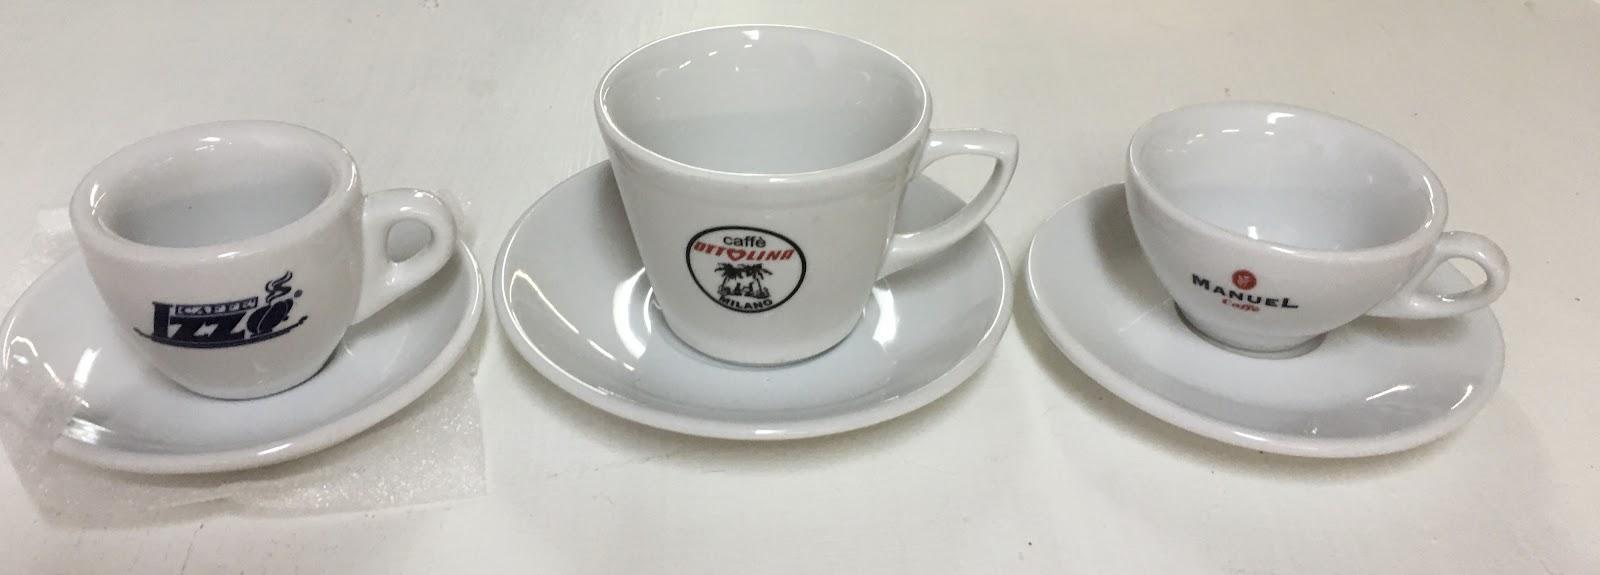 Посуда для приготовления кофе, эспрессо чашки.купи кофе подарим чашечки.